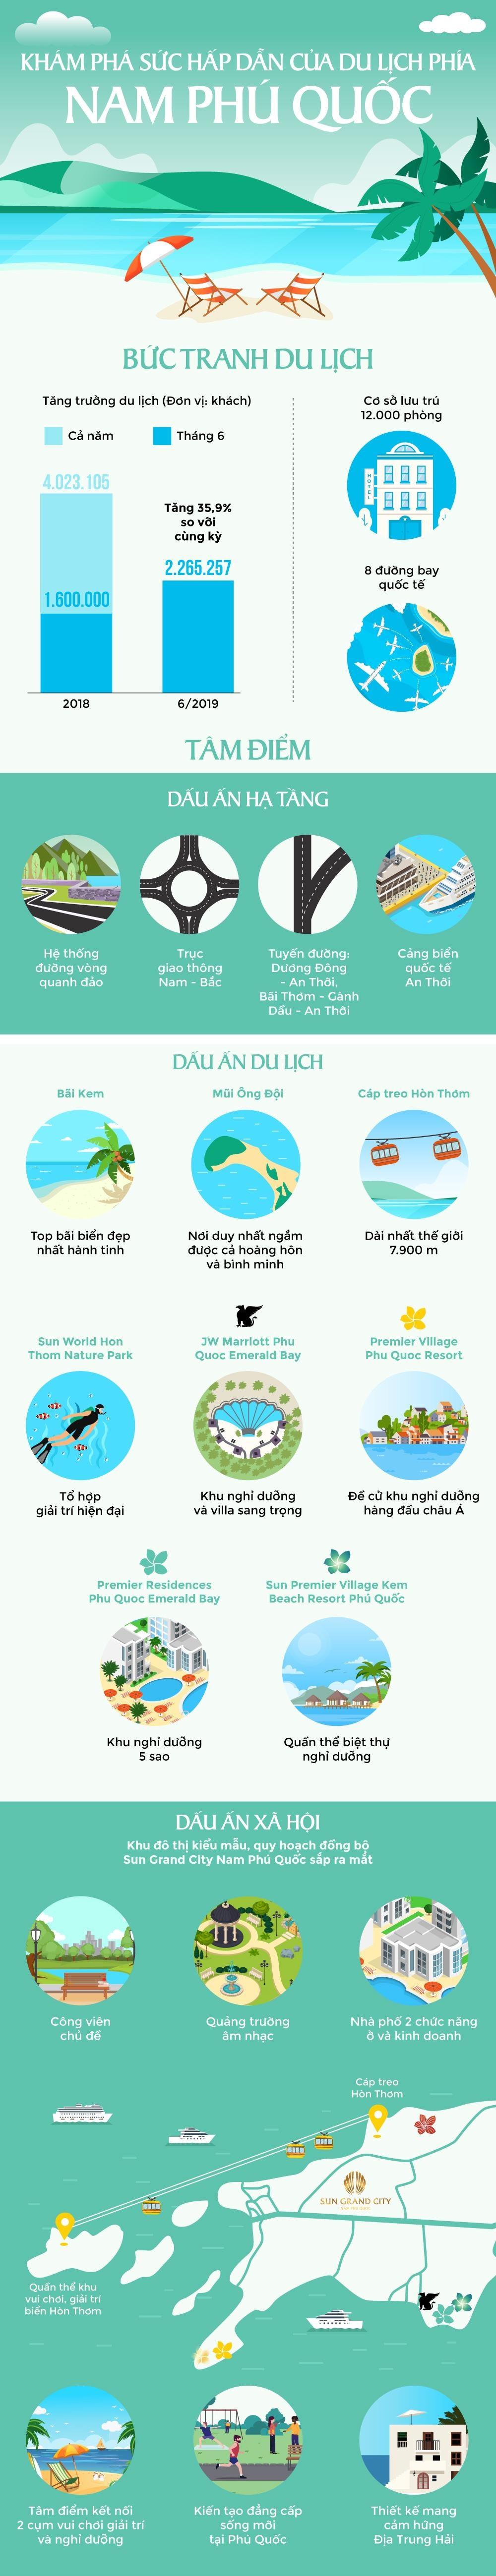 Kham pha suc hap dan cua du lich phia nam Phu Quoc hinh anh 1 Khám phá sức hấp dẫn của du lịch phía nam Phú Quốc - ZINGNamDaotuonglaicuaPhuQuoc_1_1 - Khám phá sức hấp dẫn của du lịch phía nam Phú Quốc